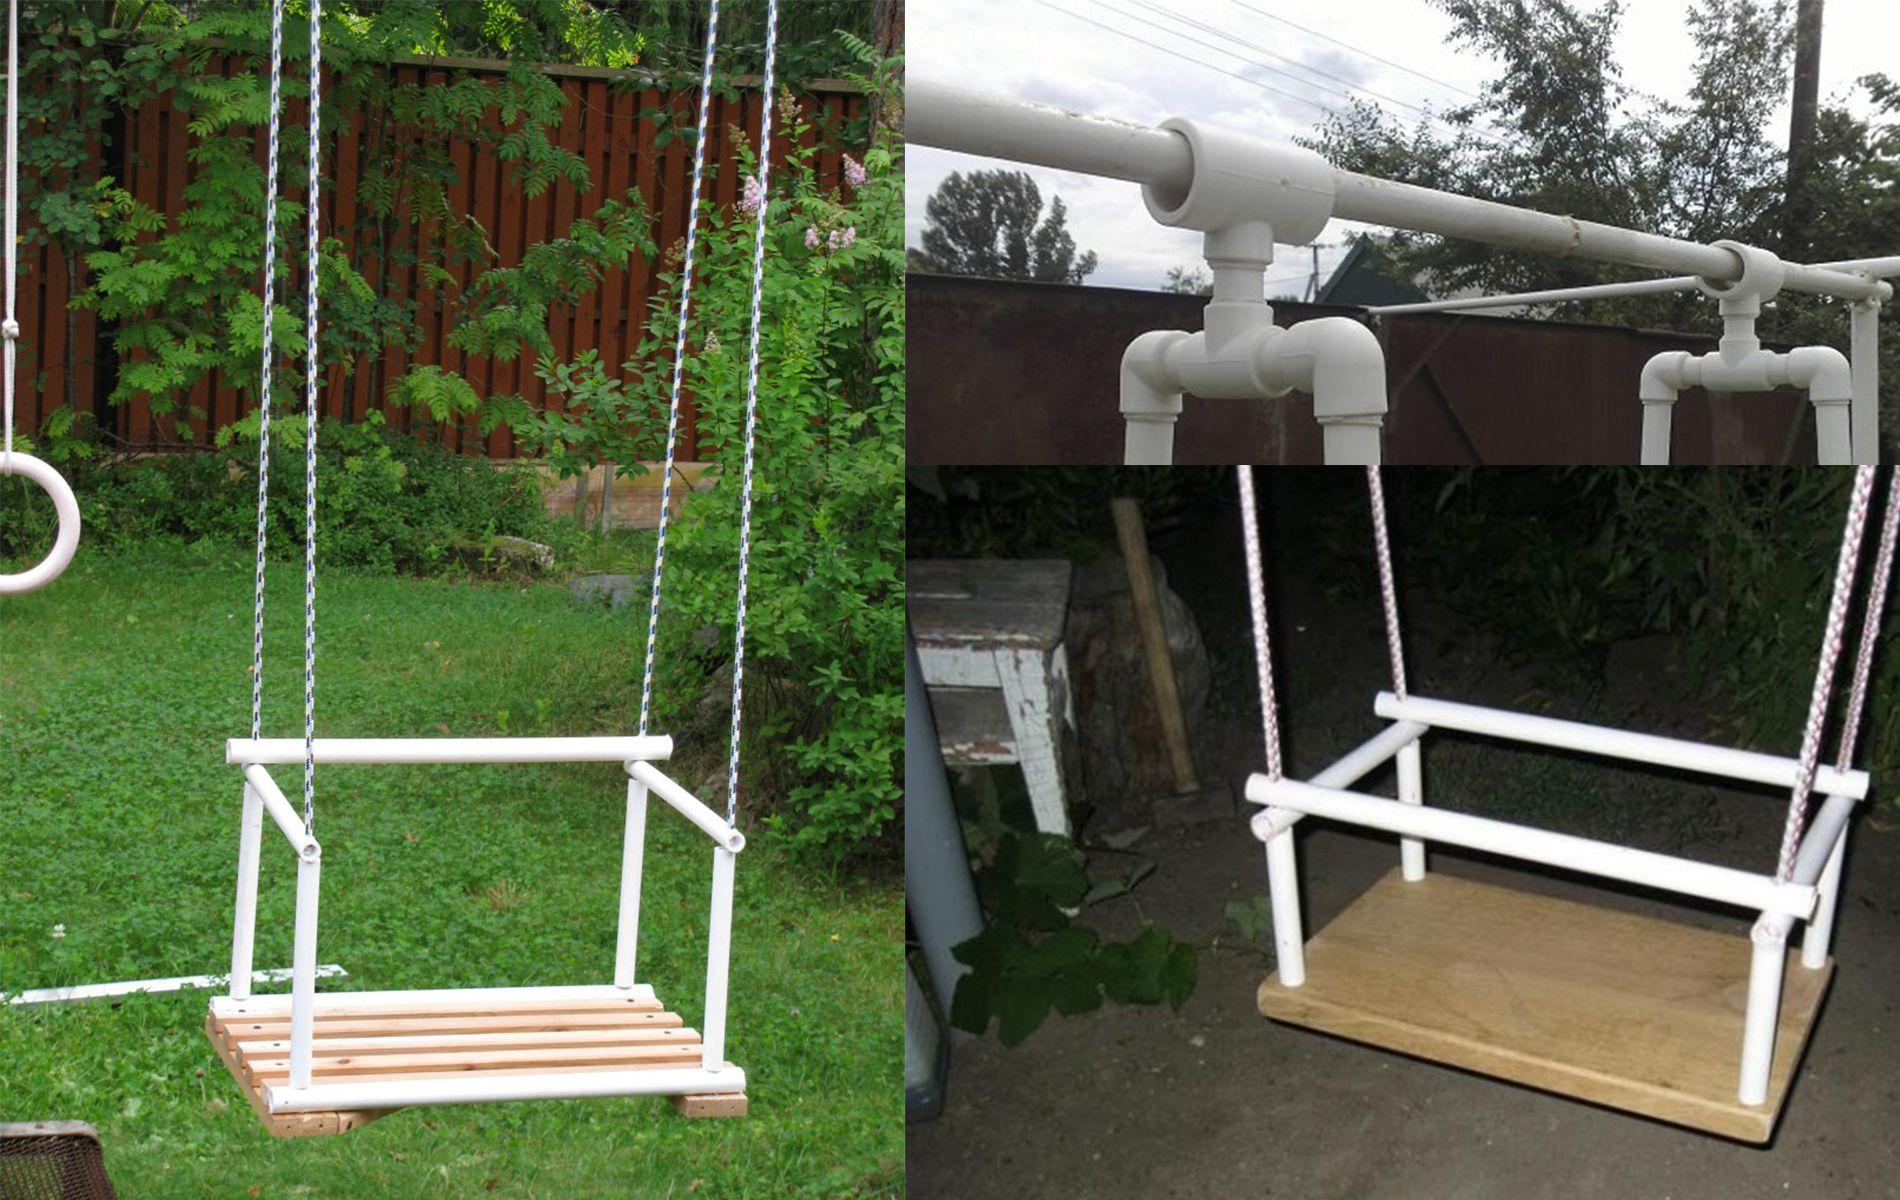 Поделки из пластиковых труб - более 30 фото-идей для дома и дачи 72